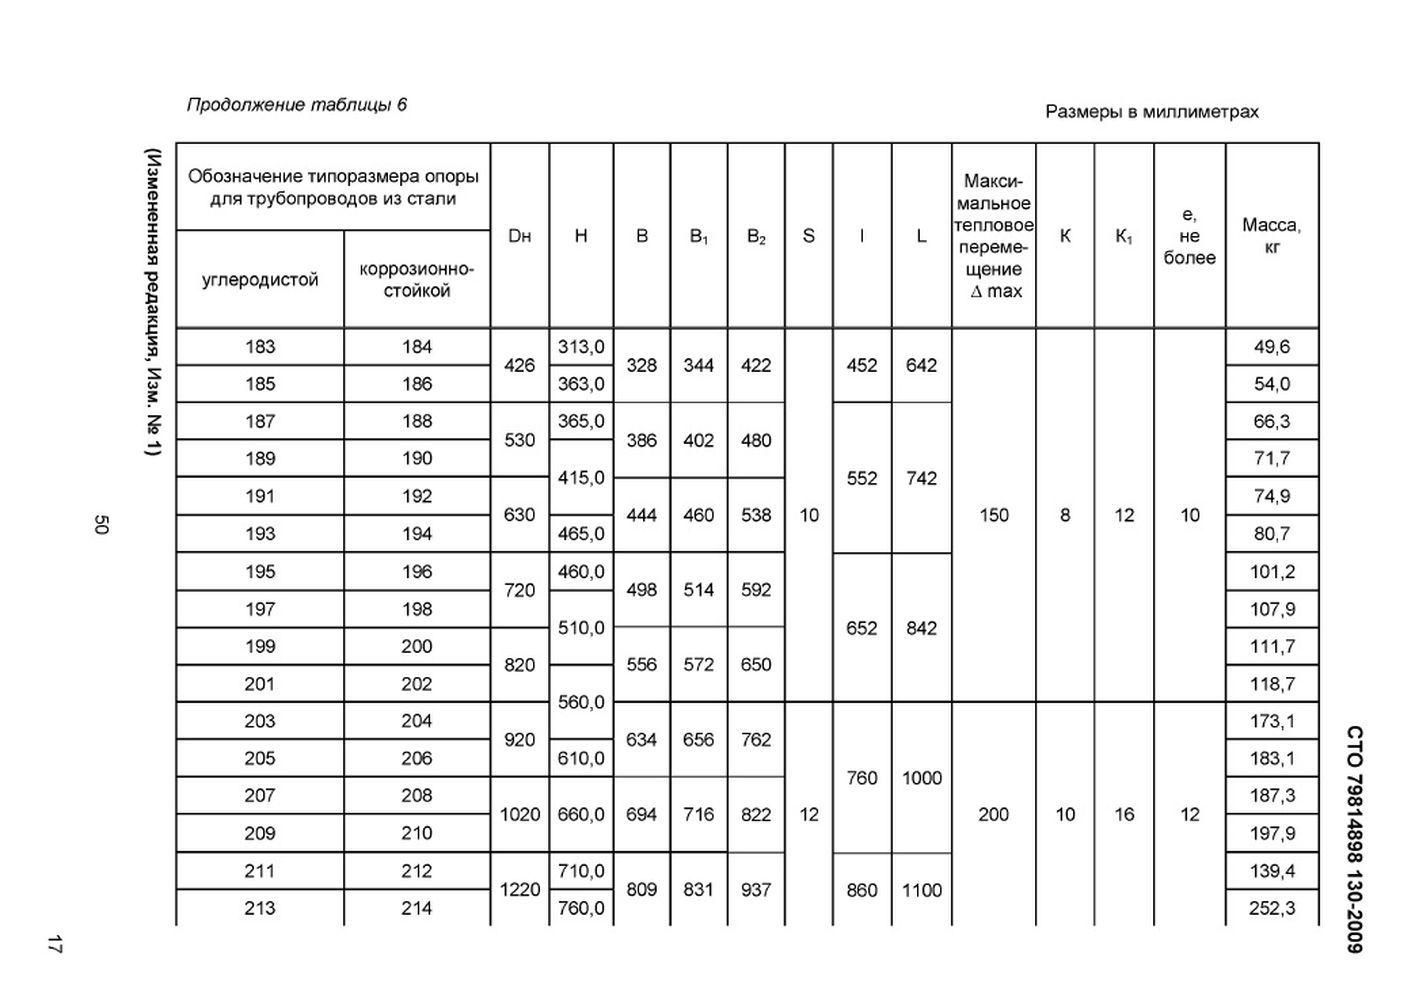 СТО 79814898 130-2009 Опоры сварные скользящие, неподвижные и направляющие стр.20